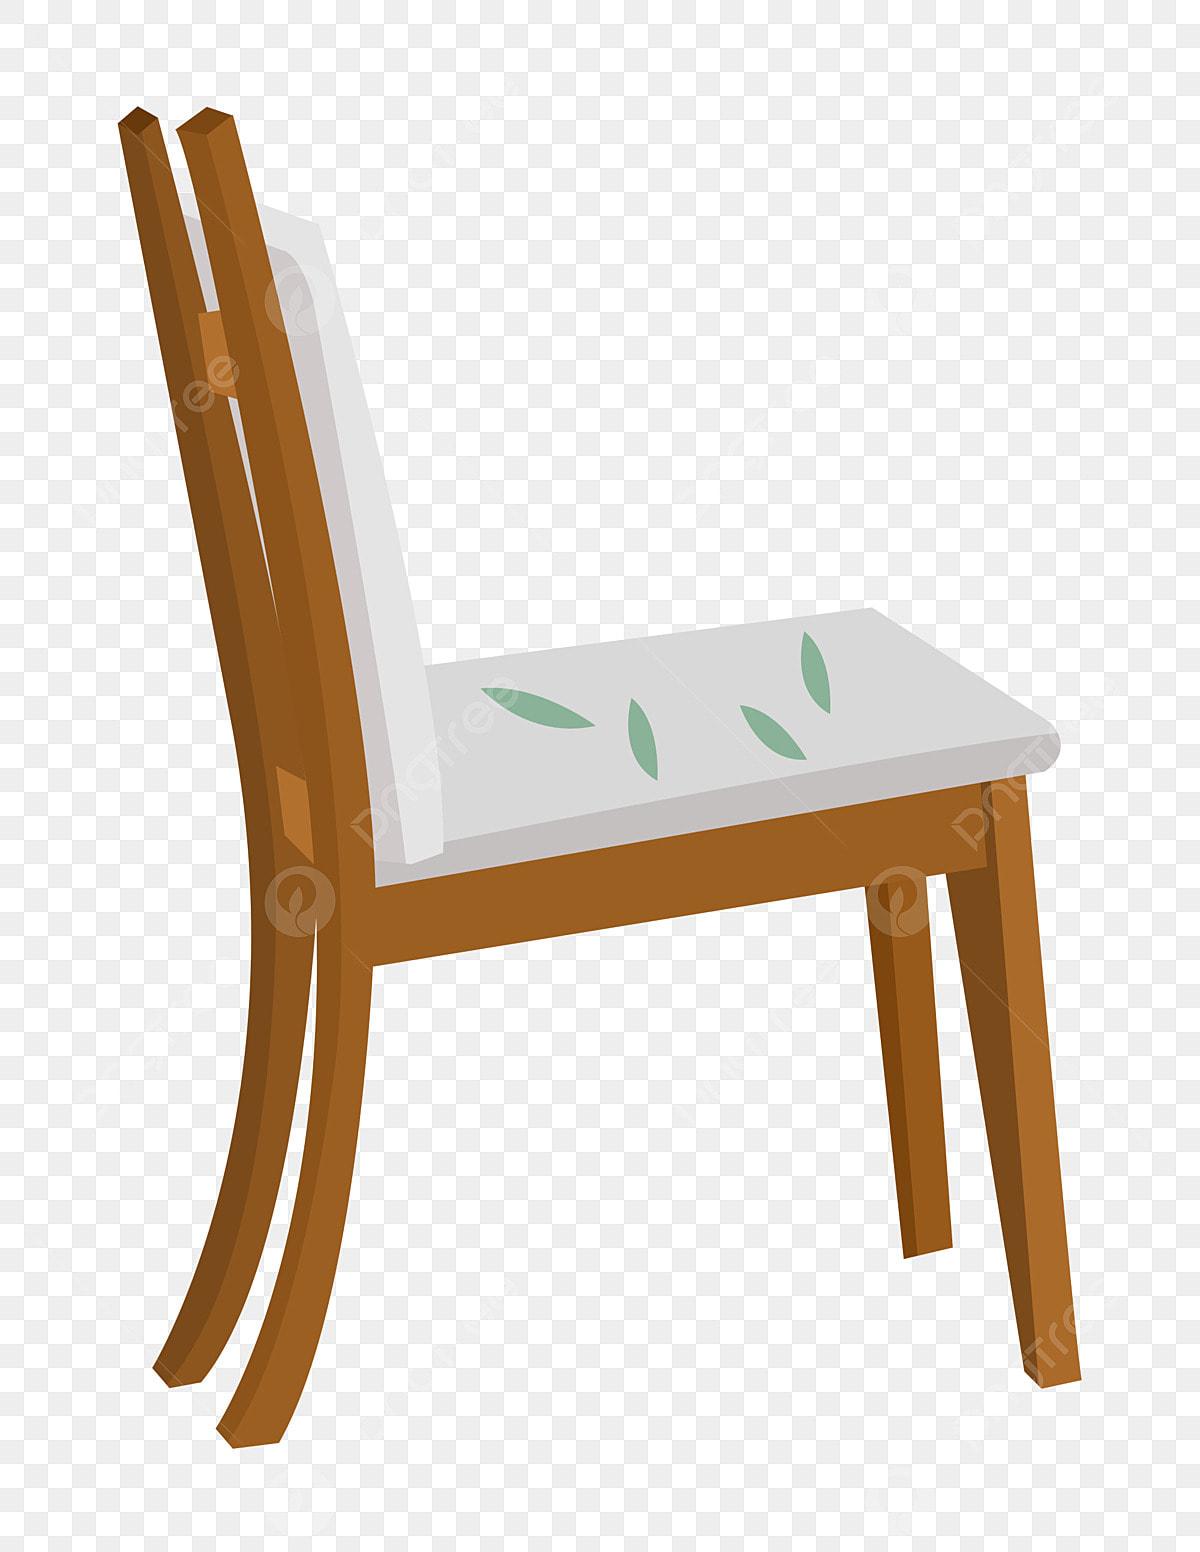 Bois Illustration De Meubles Chaise Blanc Verte Coussin En Dessin 80vmnNwO